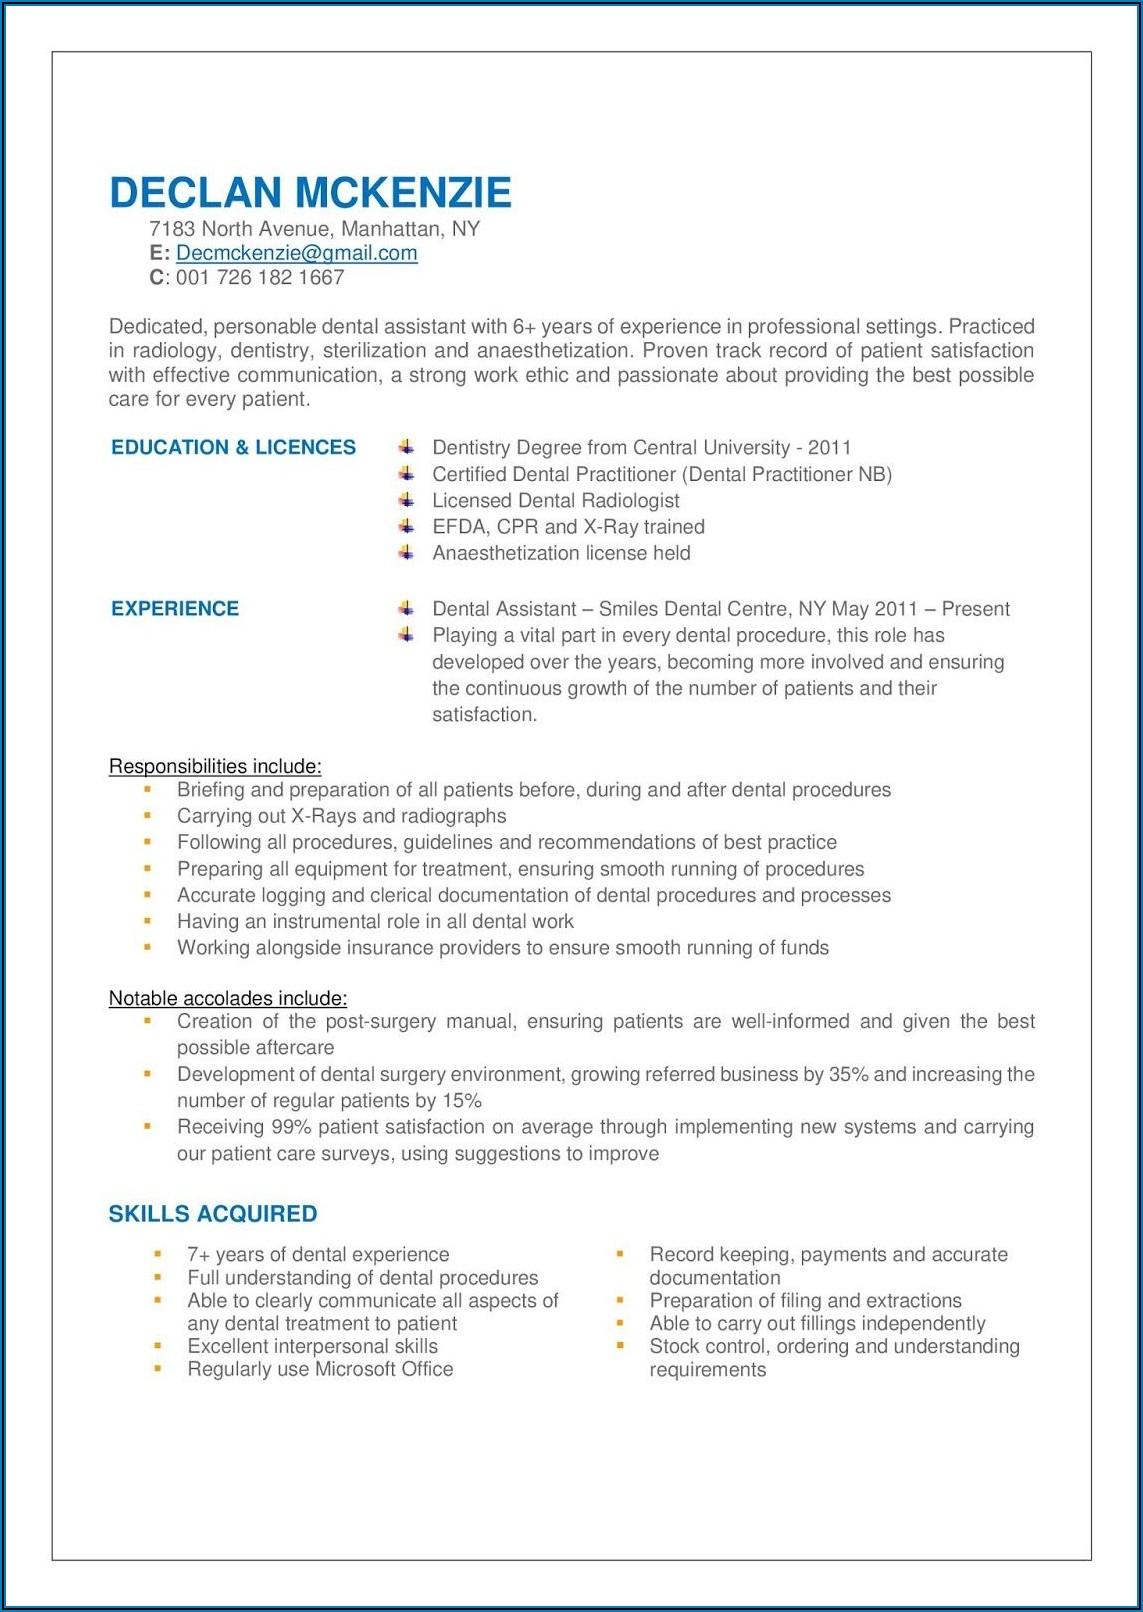 Dental Assistant Job Description And Requirement